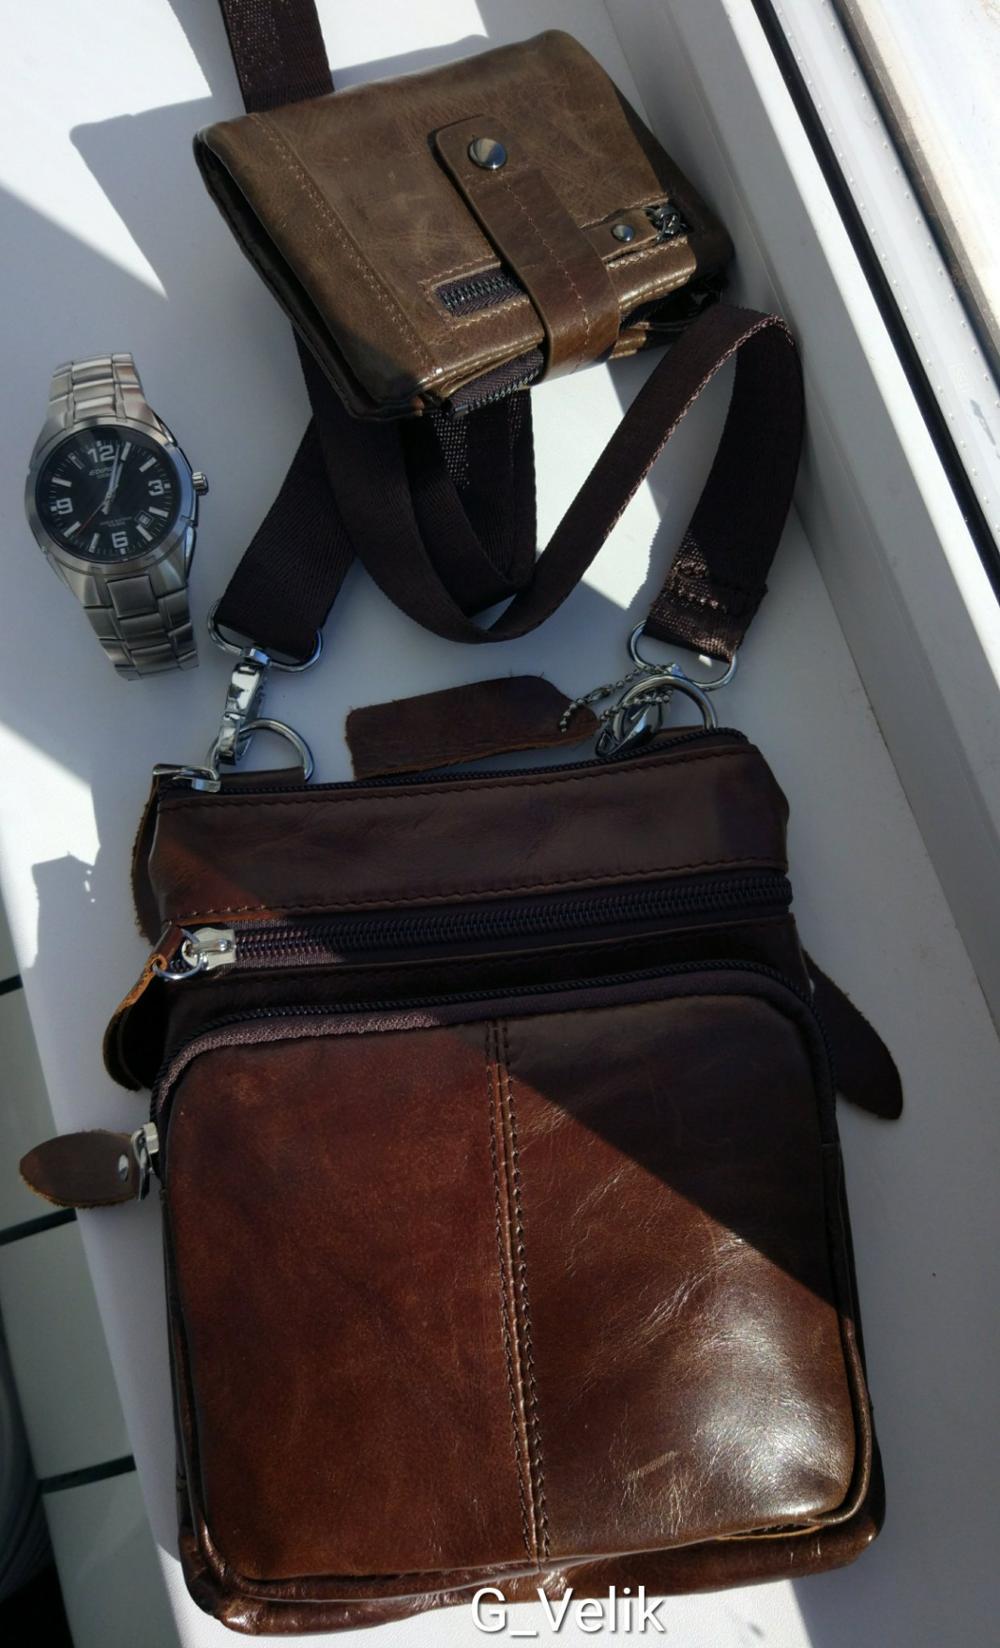 4990b6d7235b Мужская сумка из натуральной кожи из магазина #CheerfulStore Там оочень  много сумок и кошельков. 98.7% положительных отзывов, год работы.